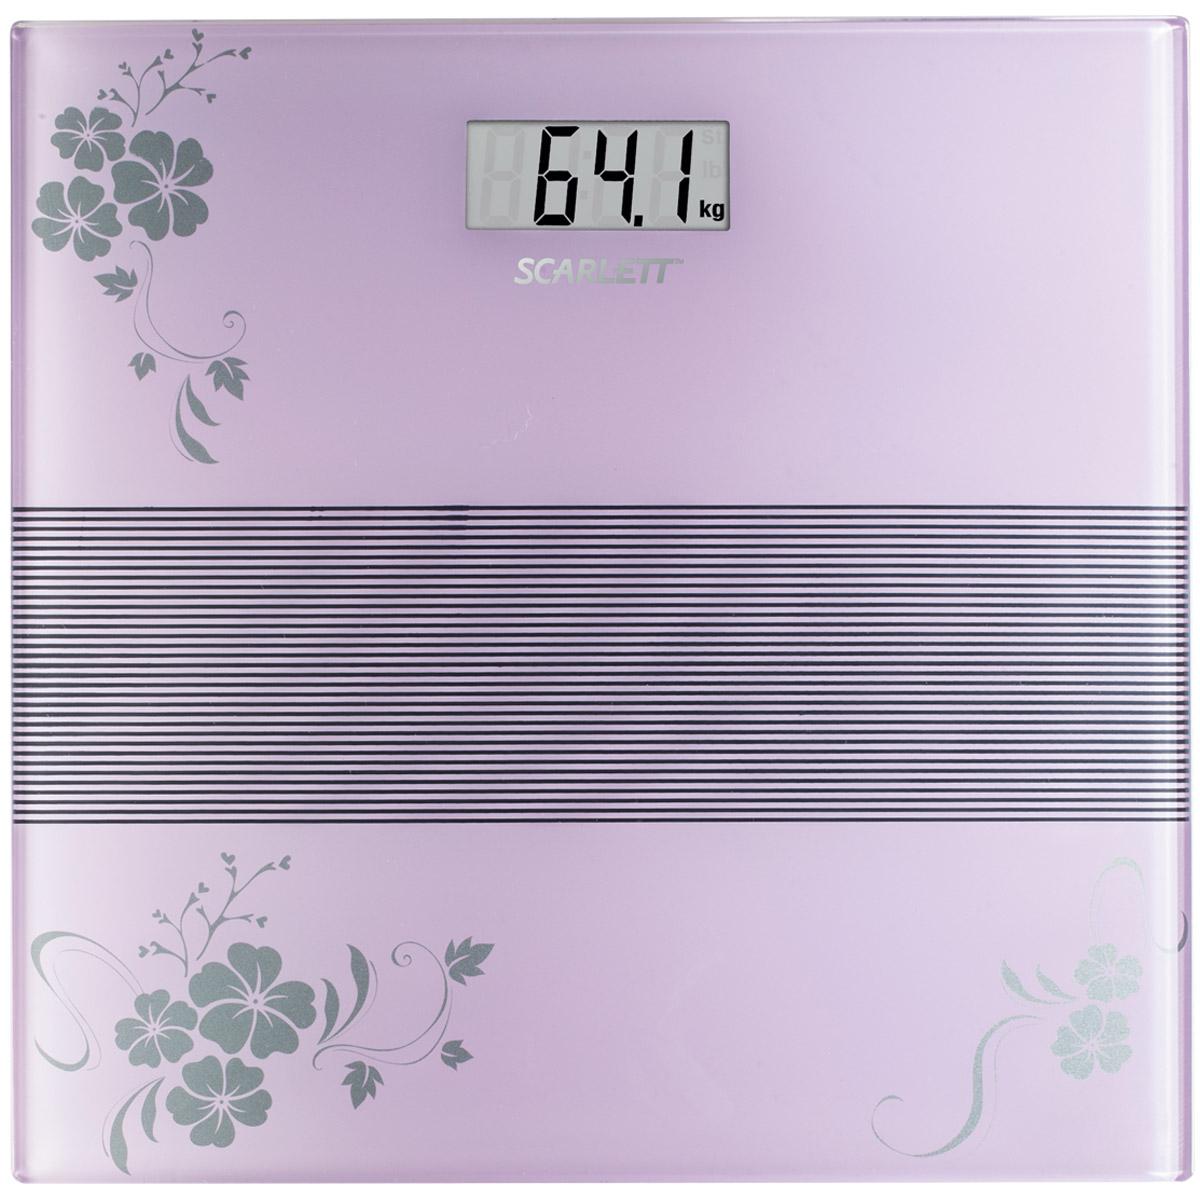 Scarlett SC-BS33E060, Violet весы напольные электронныеSC-BS33E060Напольные весы Scarlett SC-BS33E060 изготовлены из ударопрочного стекла и оформлены в сдержанном стиле. Весы имеют стандартную точность измерения, равную 100 грамм. Устройство измеряет массу тела в килограммах и работает от батарейки типа CR2032(1 шт). Электронный дисплей отображает большие цифры, которые можно будет увидеть с высоты человеческого роста. Также данная модель имеет прорезиненные ножки, для большей устойчивости.